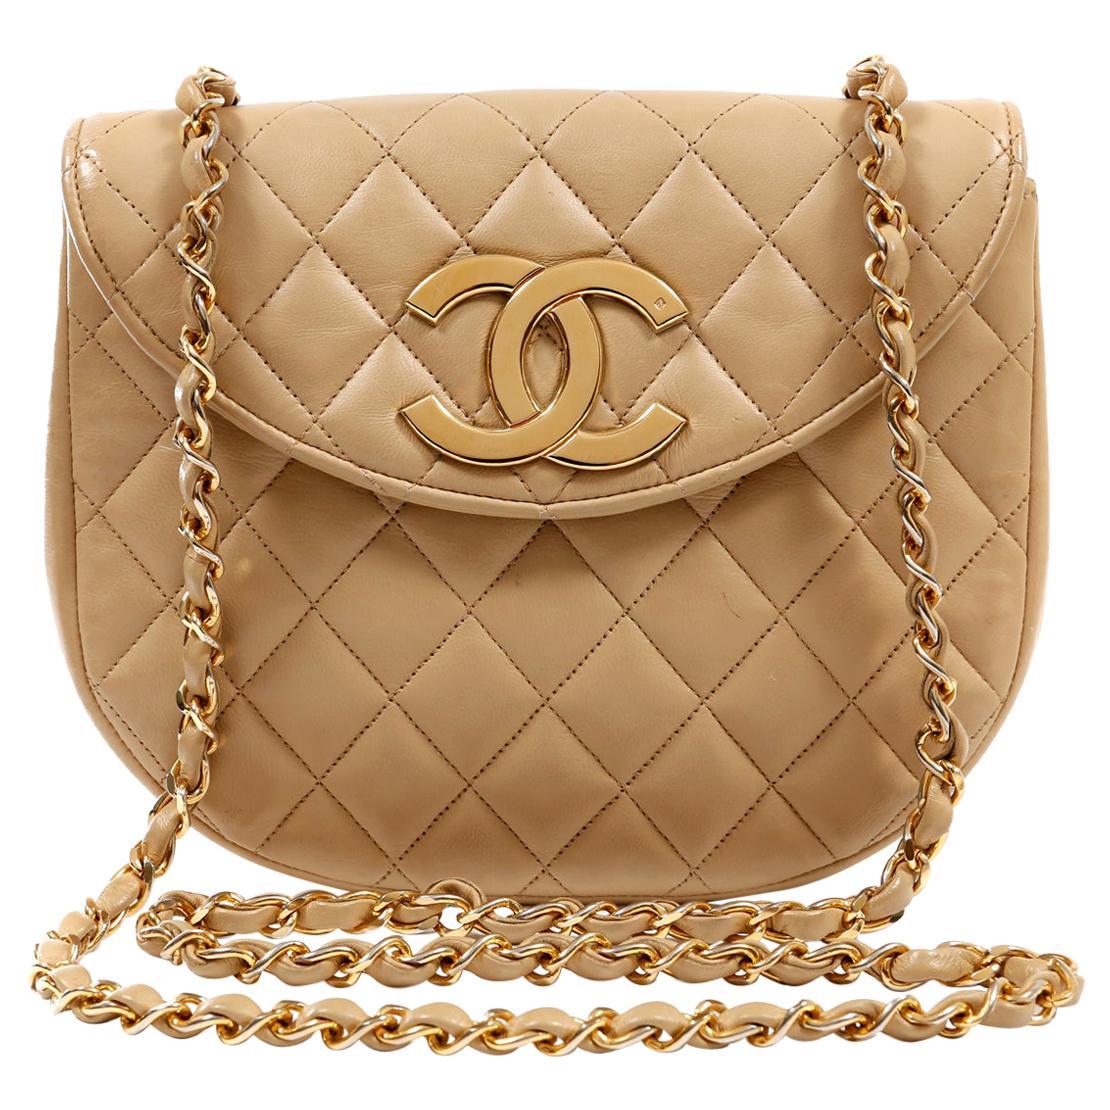 Chanel Beige Lambskin Vintage Crossbody Bag